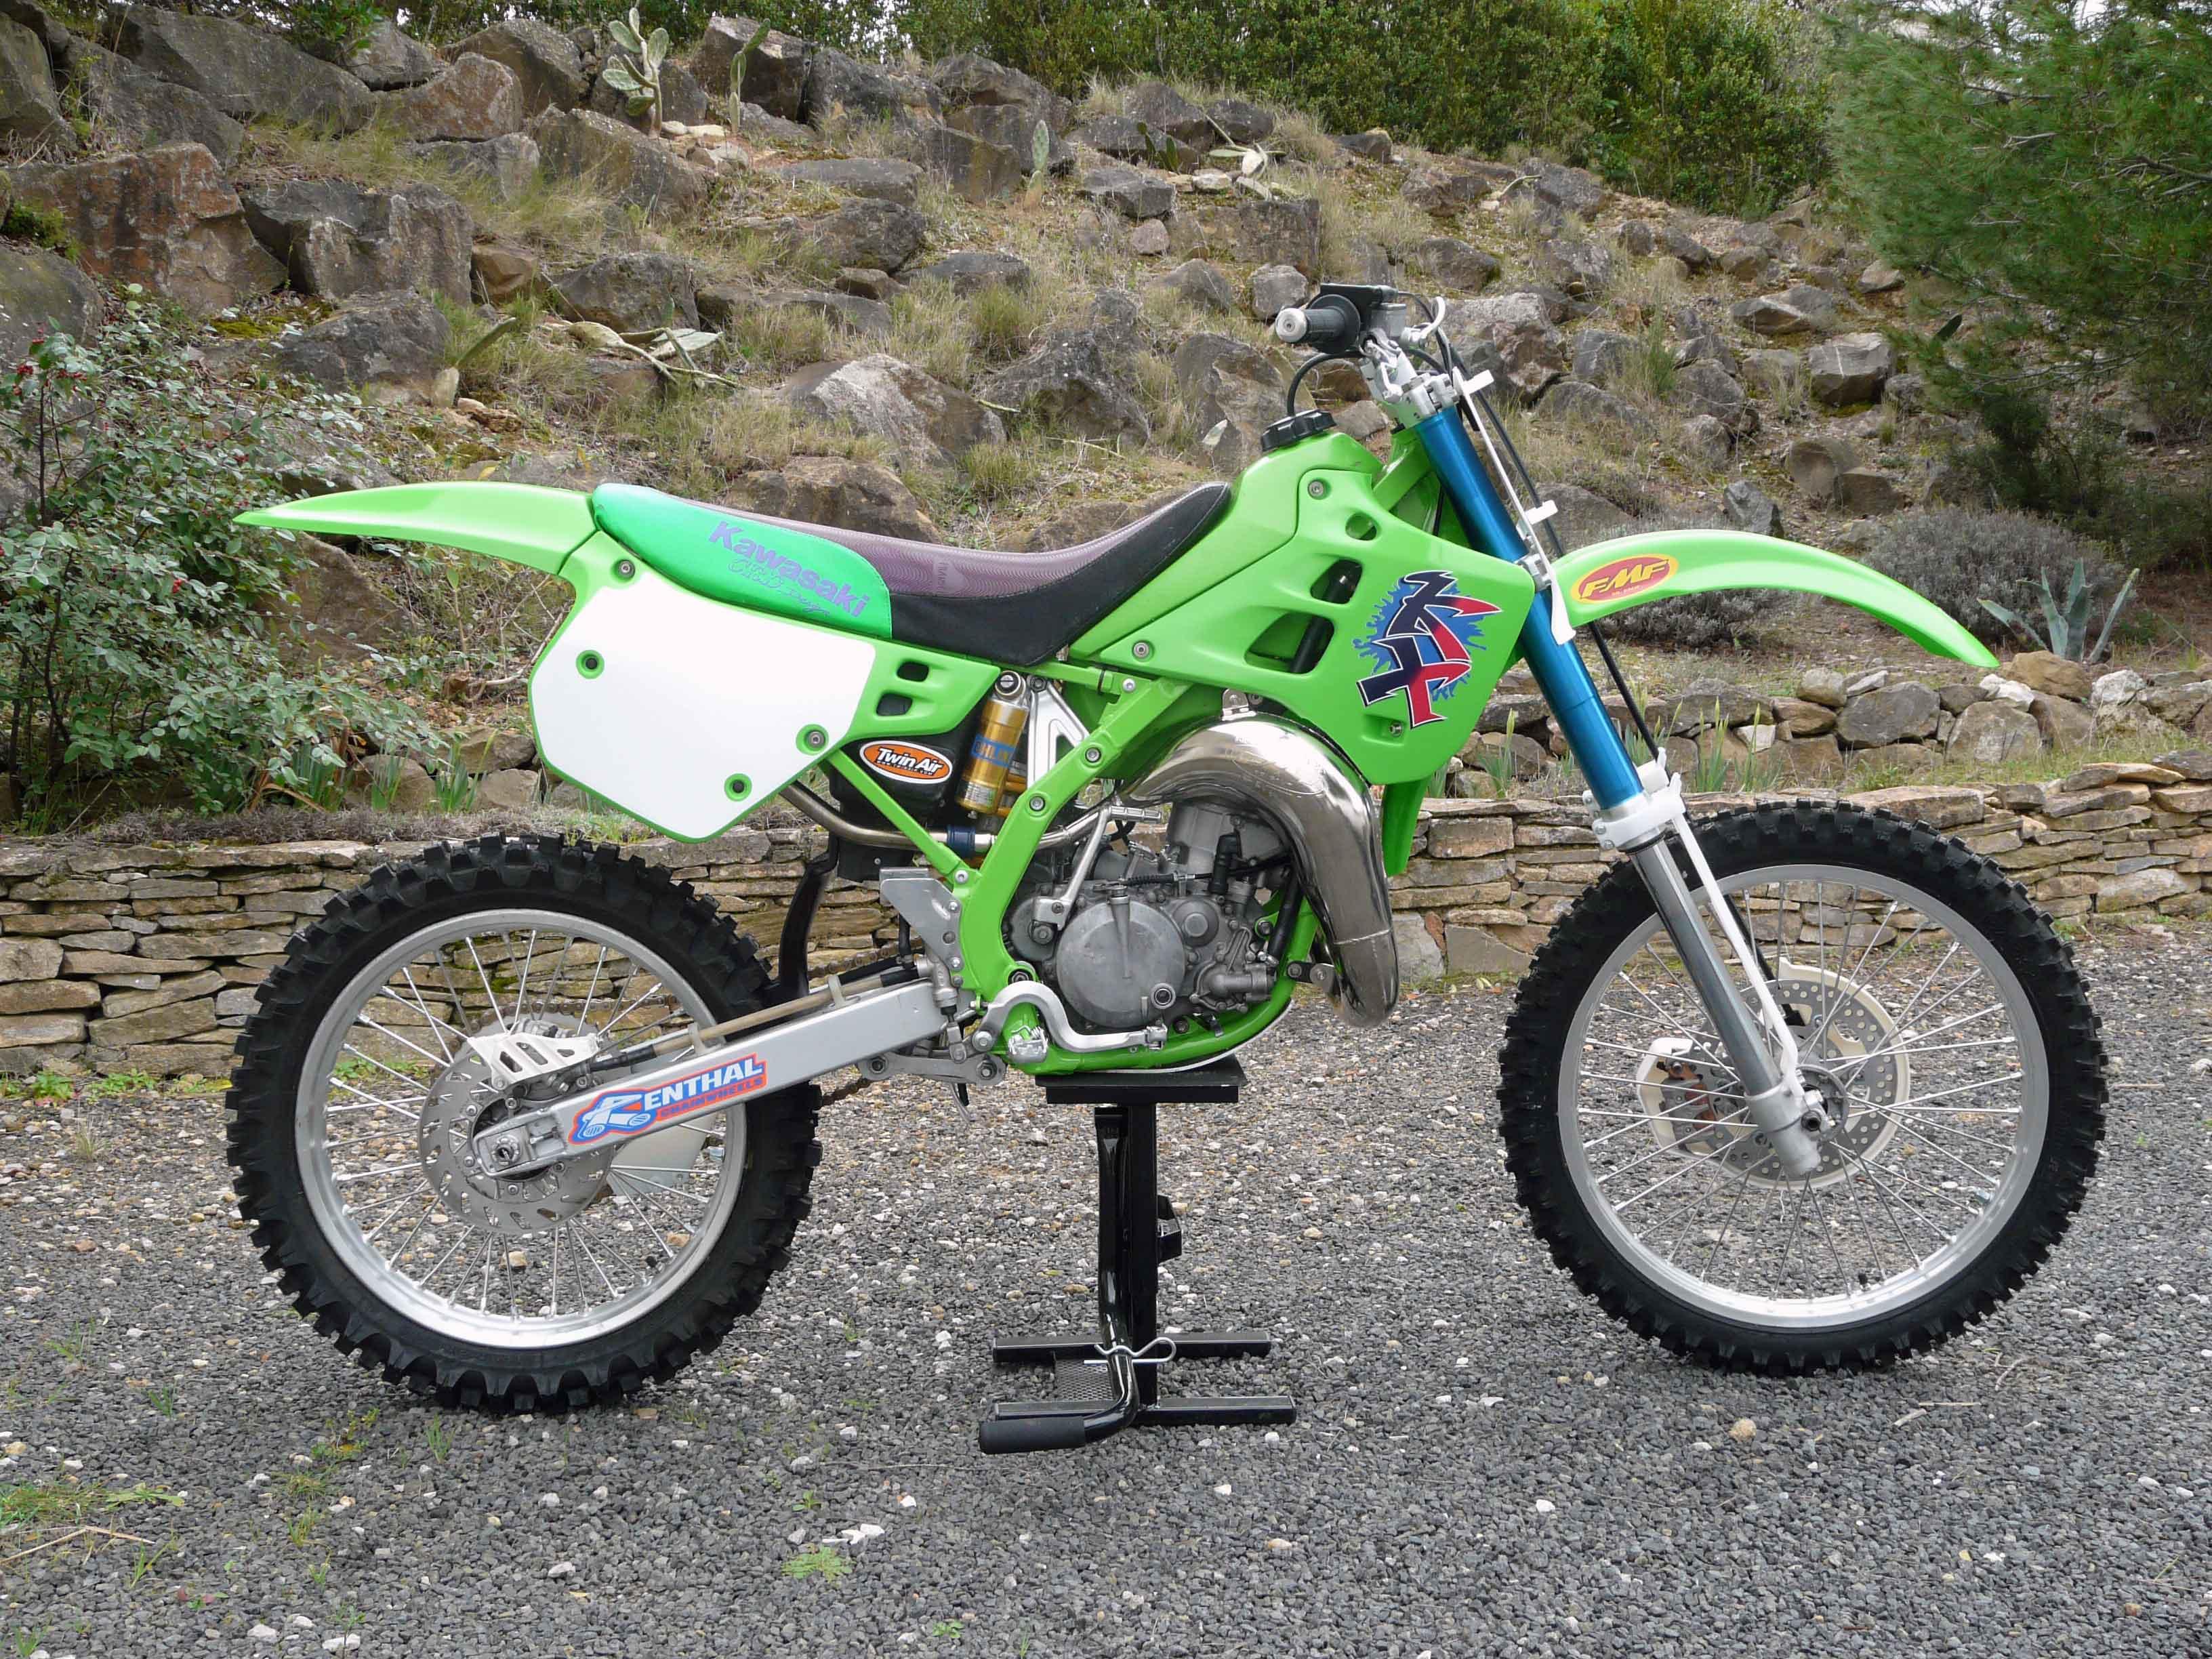 diagram of kawasaki motorcycle parts 1987 kx125